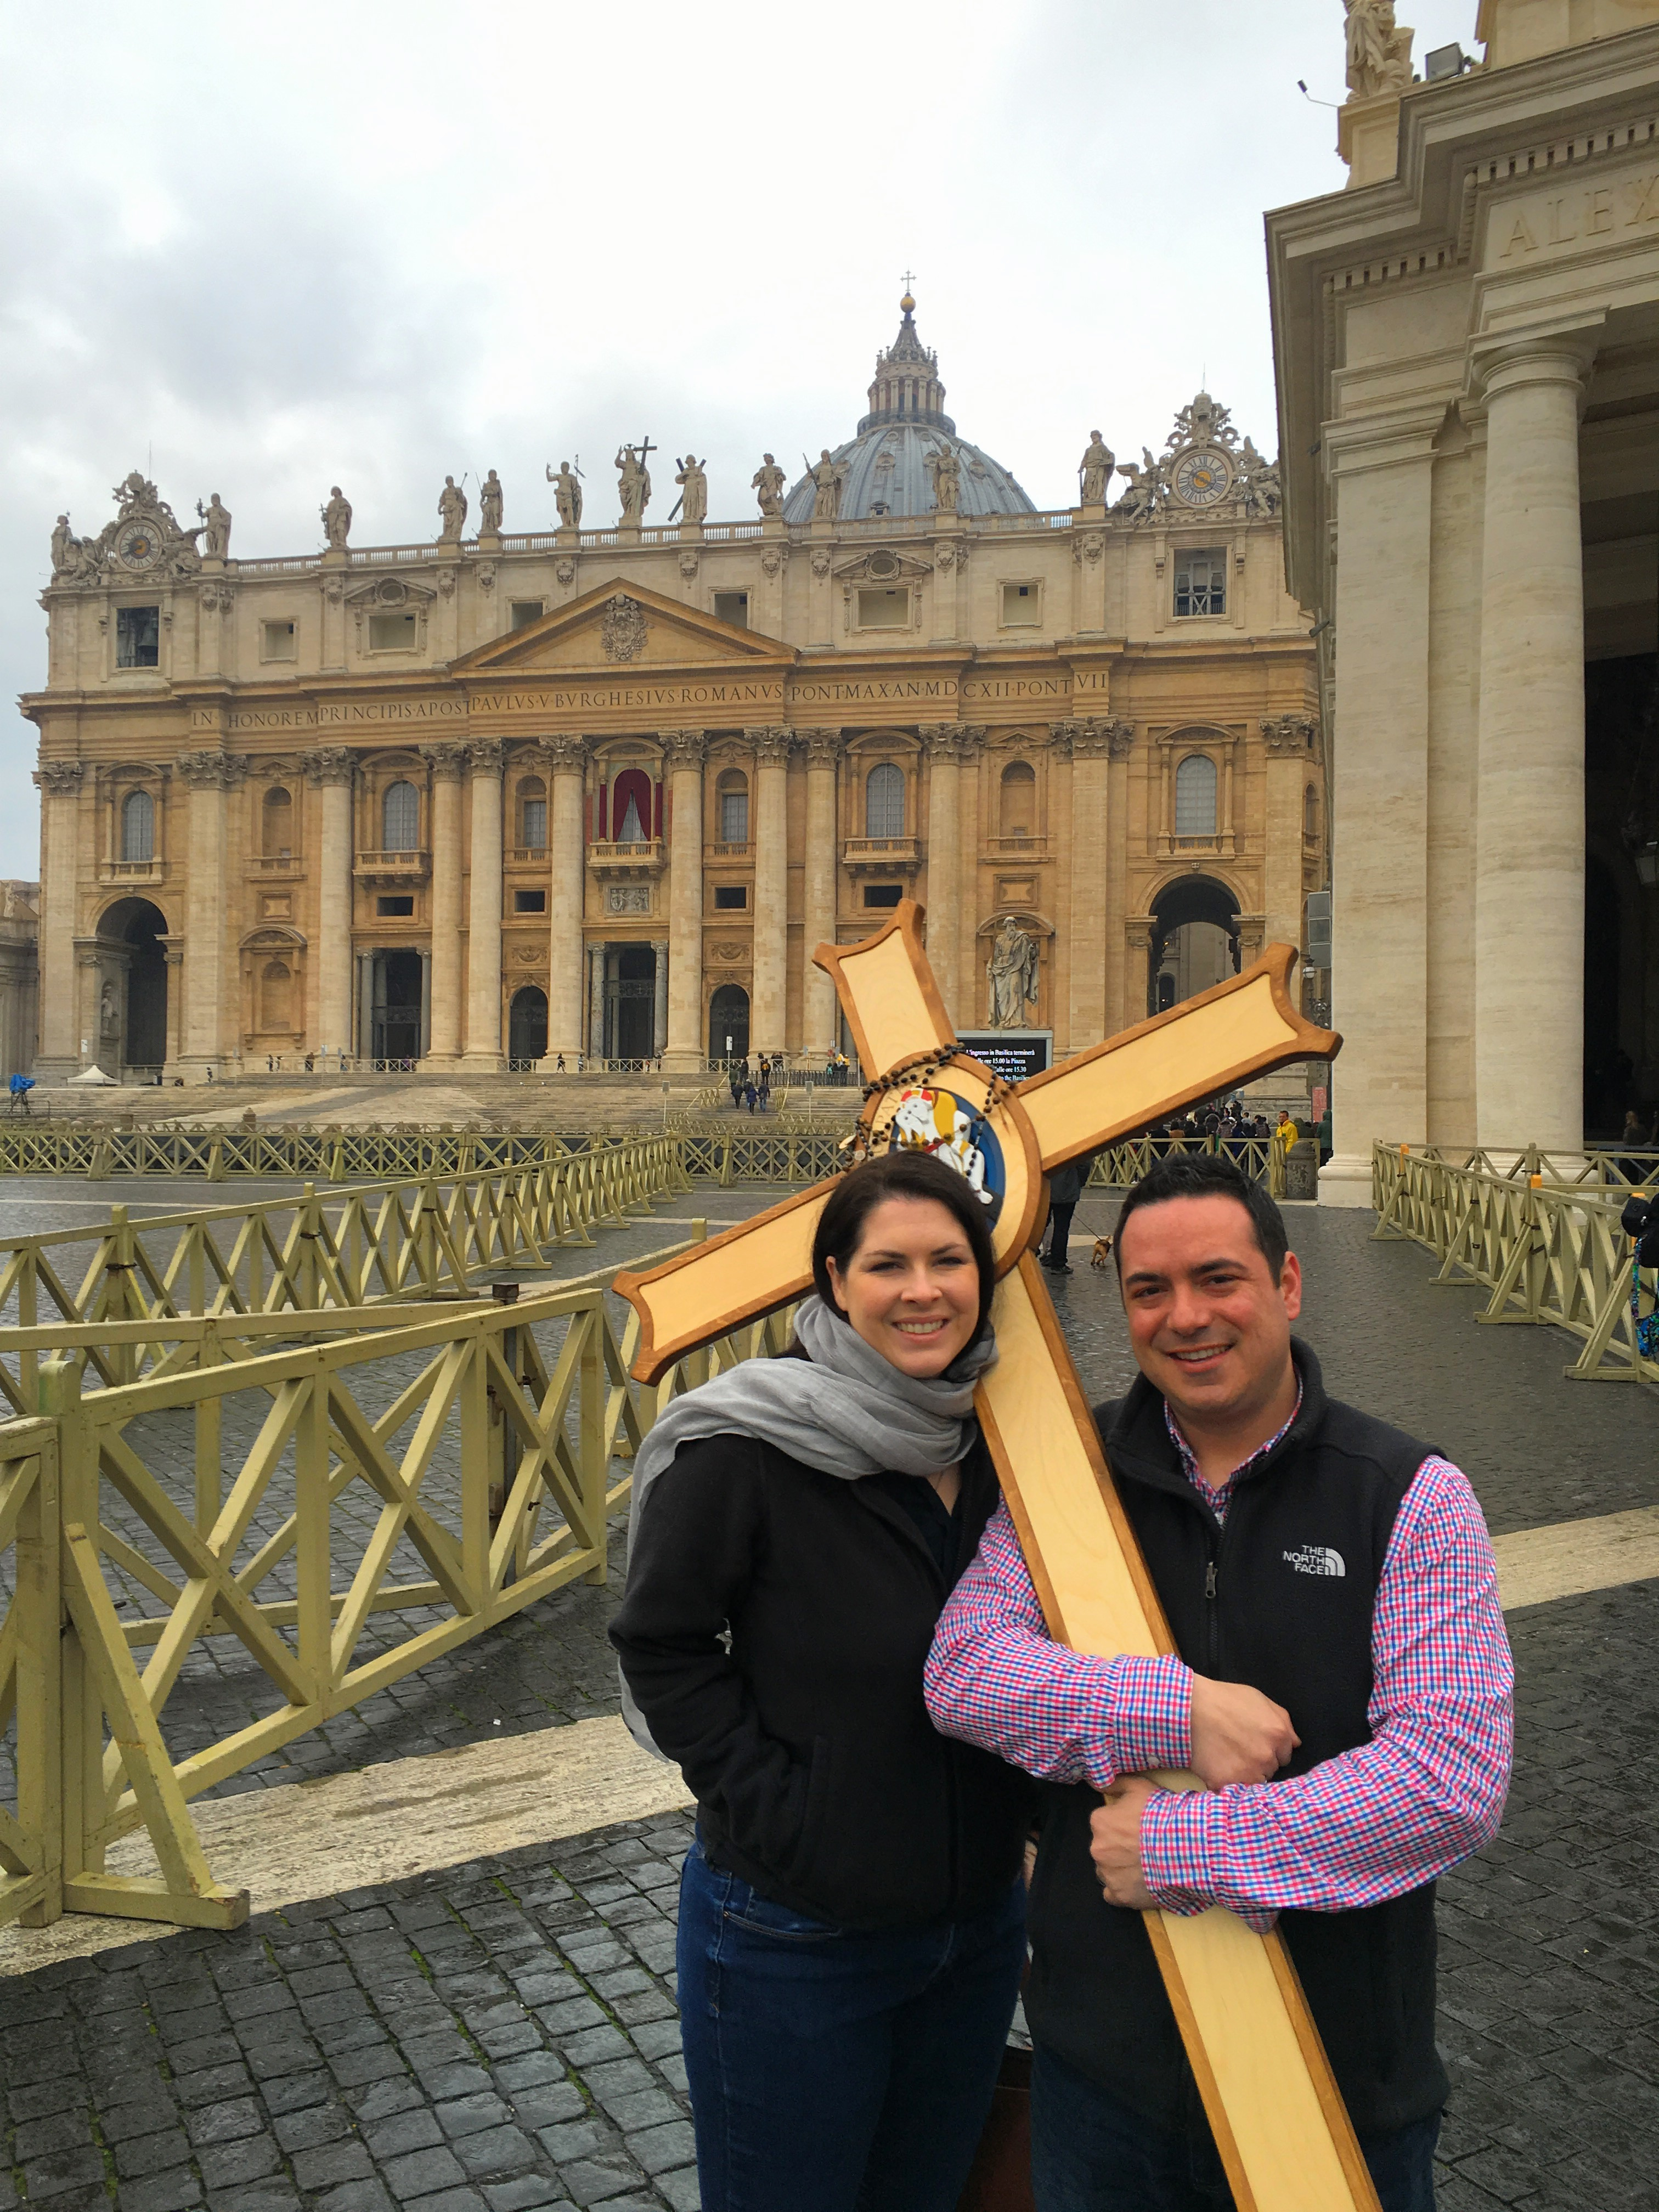 3. St. Peter's - Vatican City